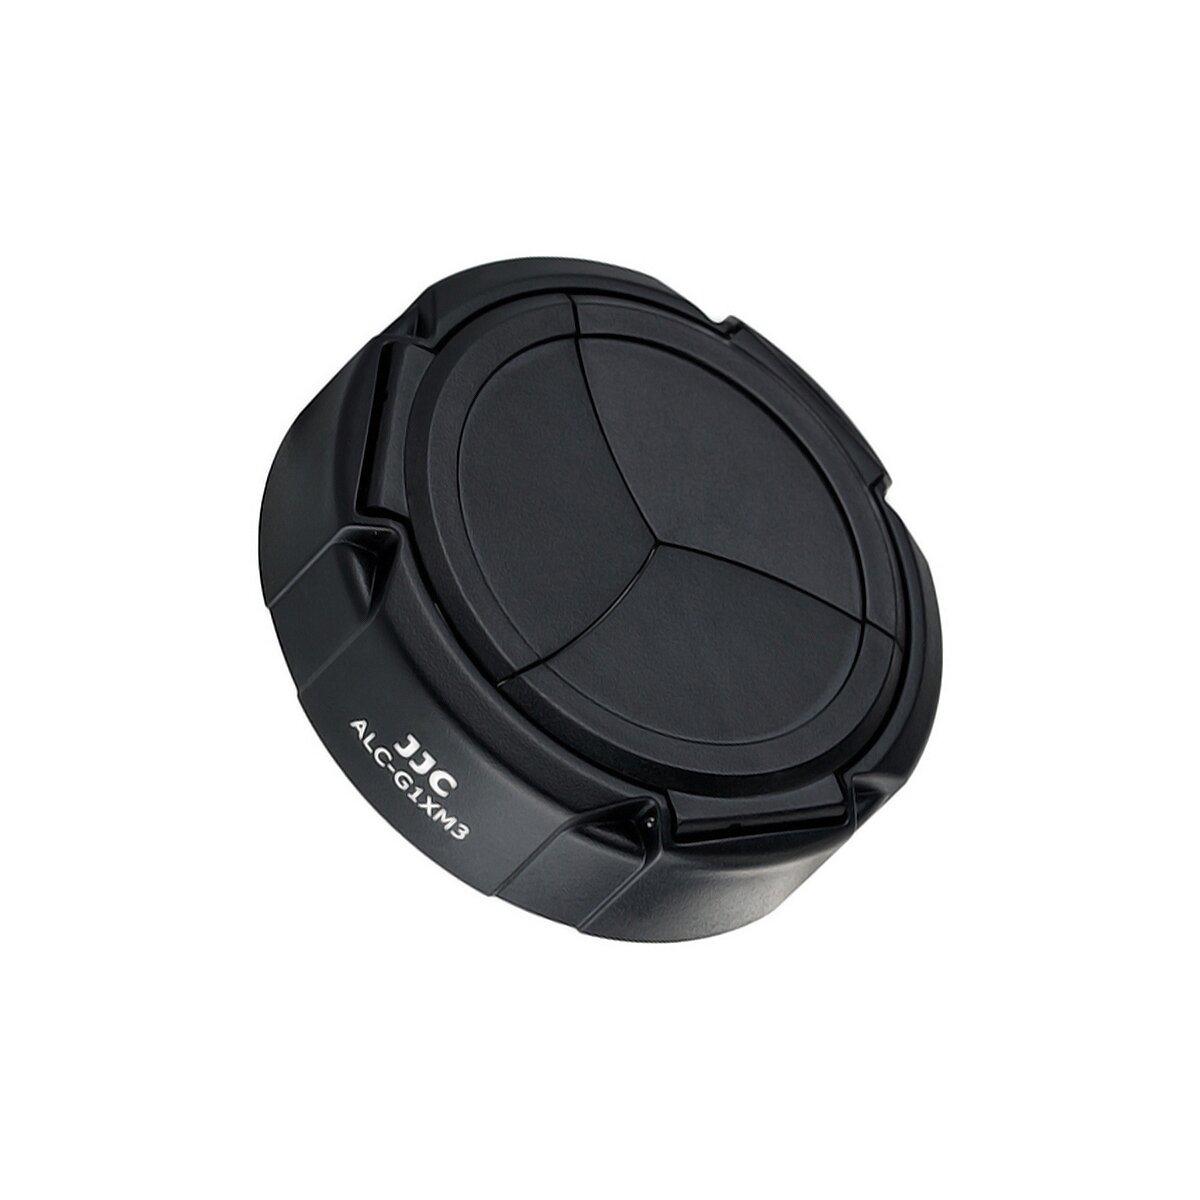 JJC AUTOMATIK Objektivdeckel Schutzdeckel Schutzkappe| SCHÜTZT VOR KRATZERN SPRITZWASSER STAUB & STÖßEN | kompatibel mit Canon PowerShot G1X Mark III